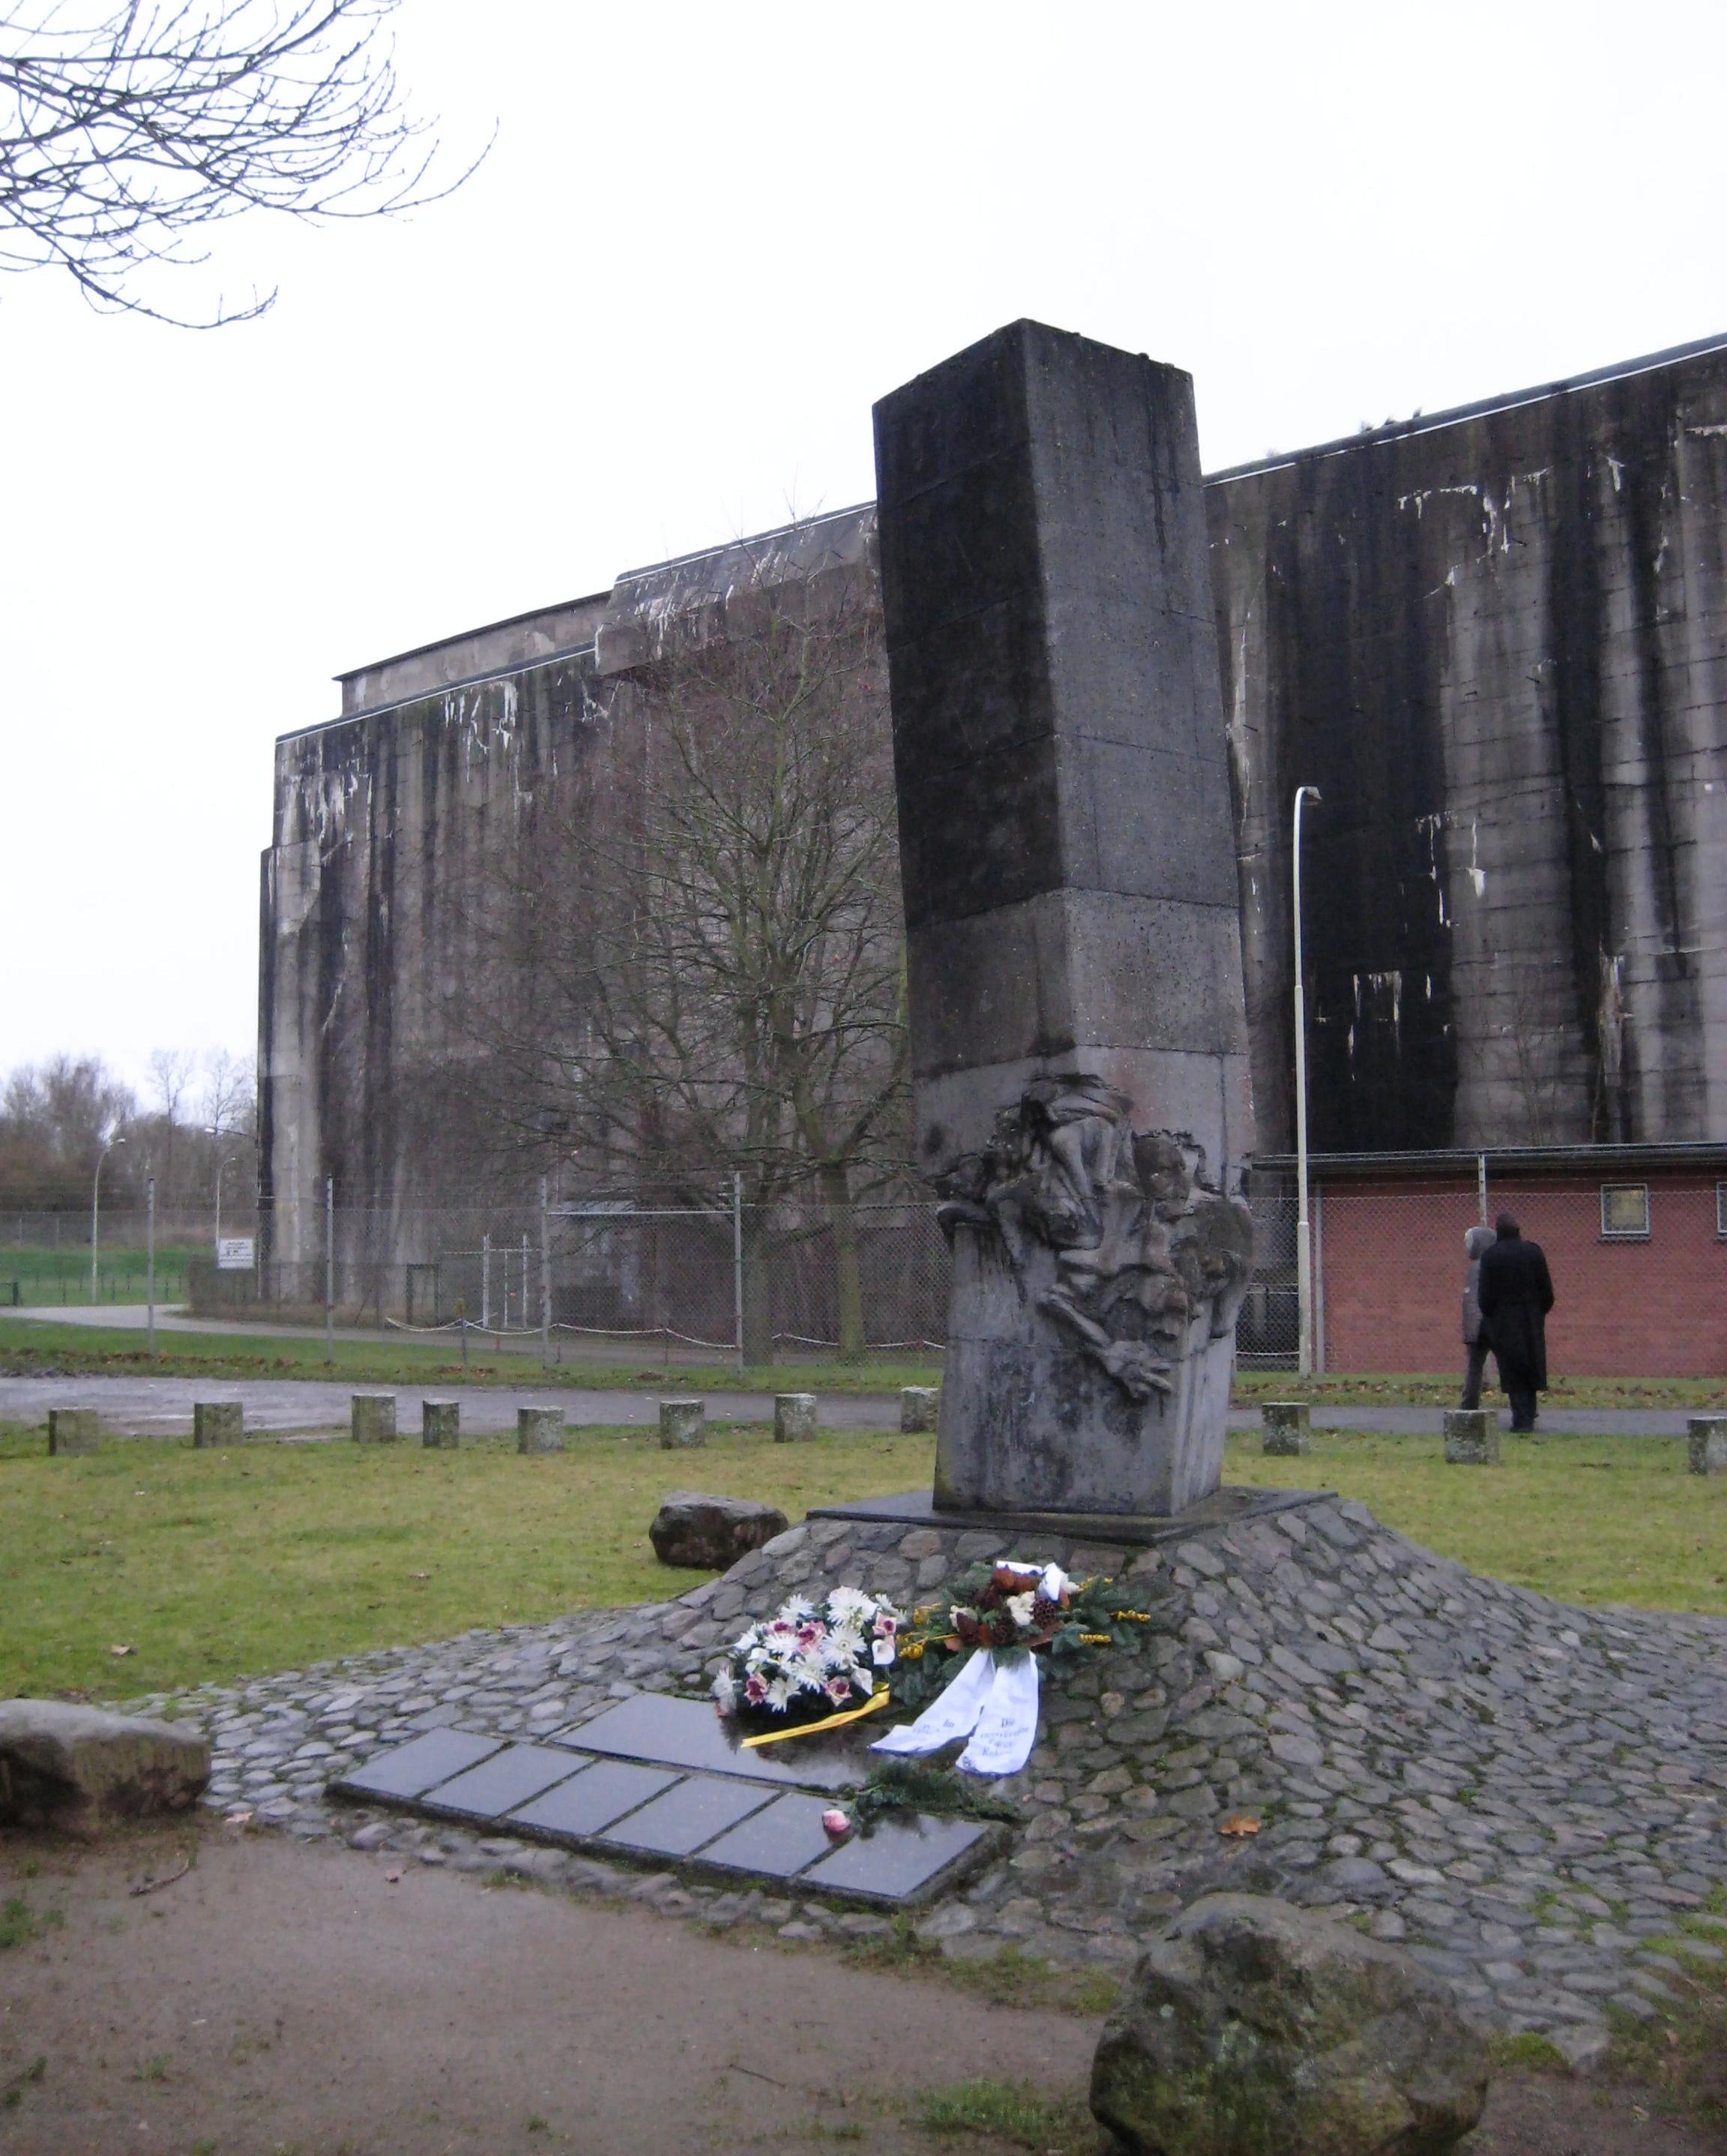 https://upload.wikimedia.org/wikipedia/commons/4/4e/Mahnmal-U-Boot-Bunker-Valentin-01.jpg